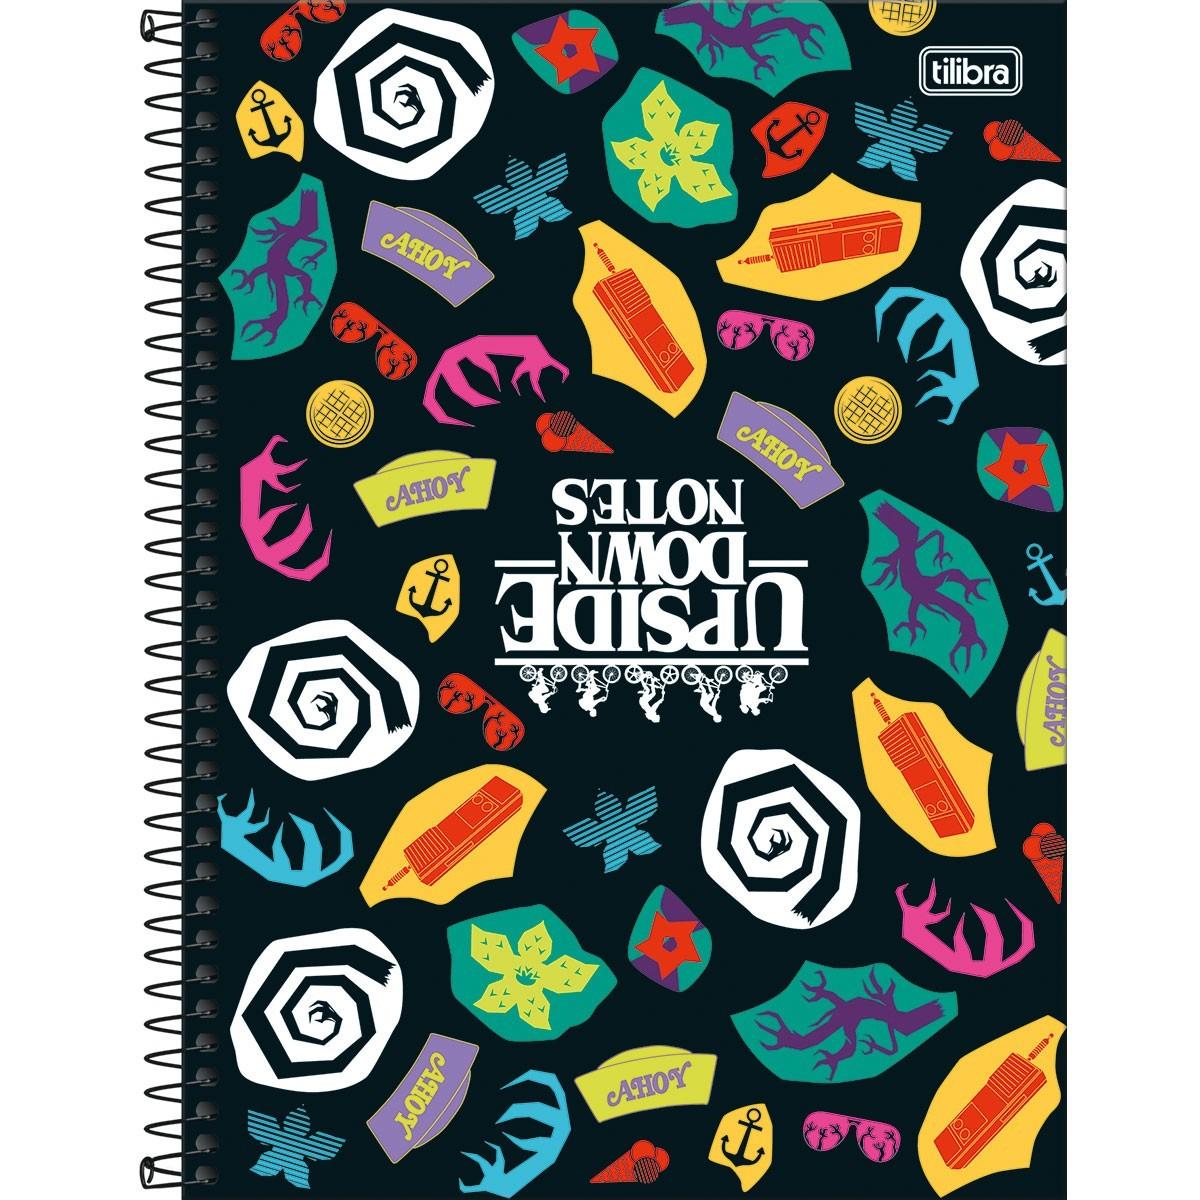 Caderno Espiral Capa Dura Universitário 1 Matéria Stranger Things Upside Down Notes 80 Folhas